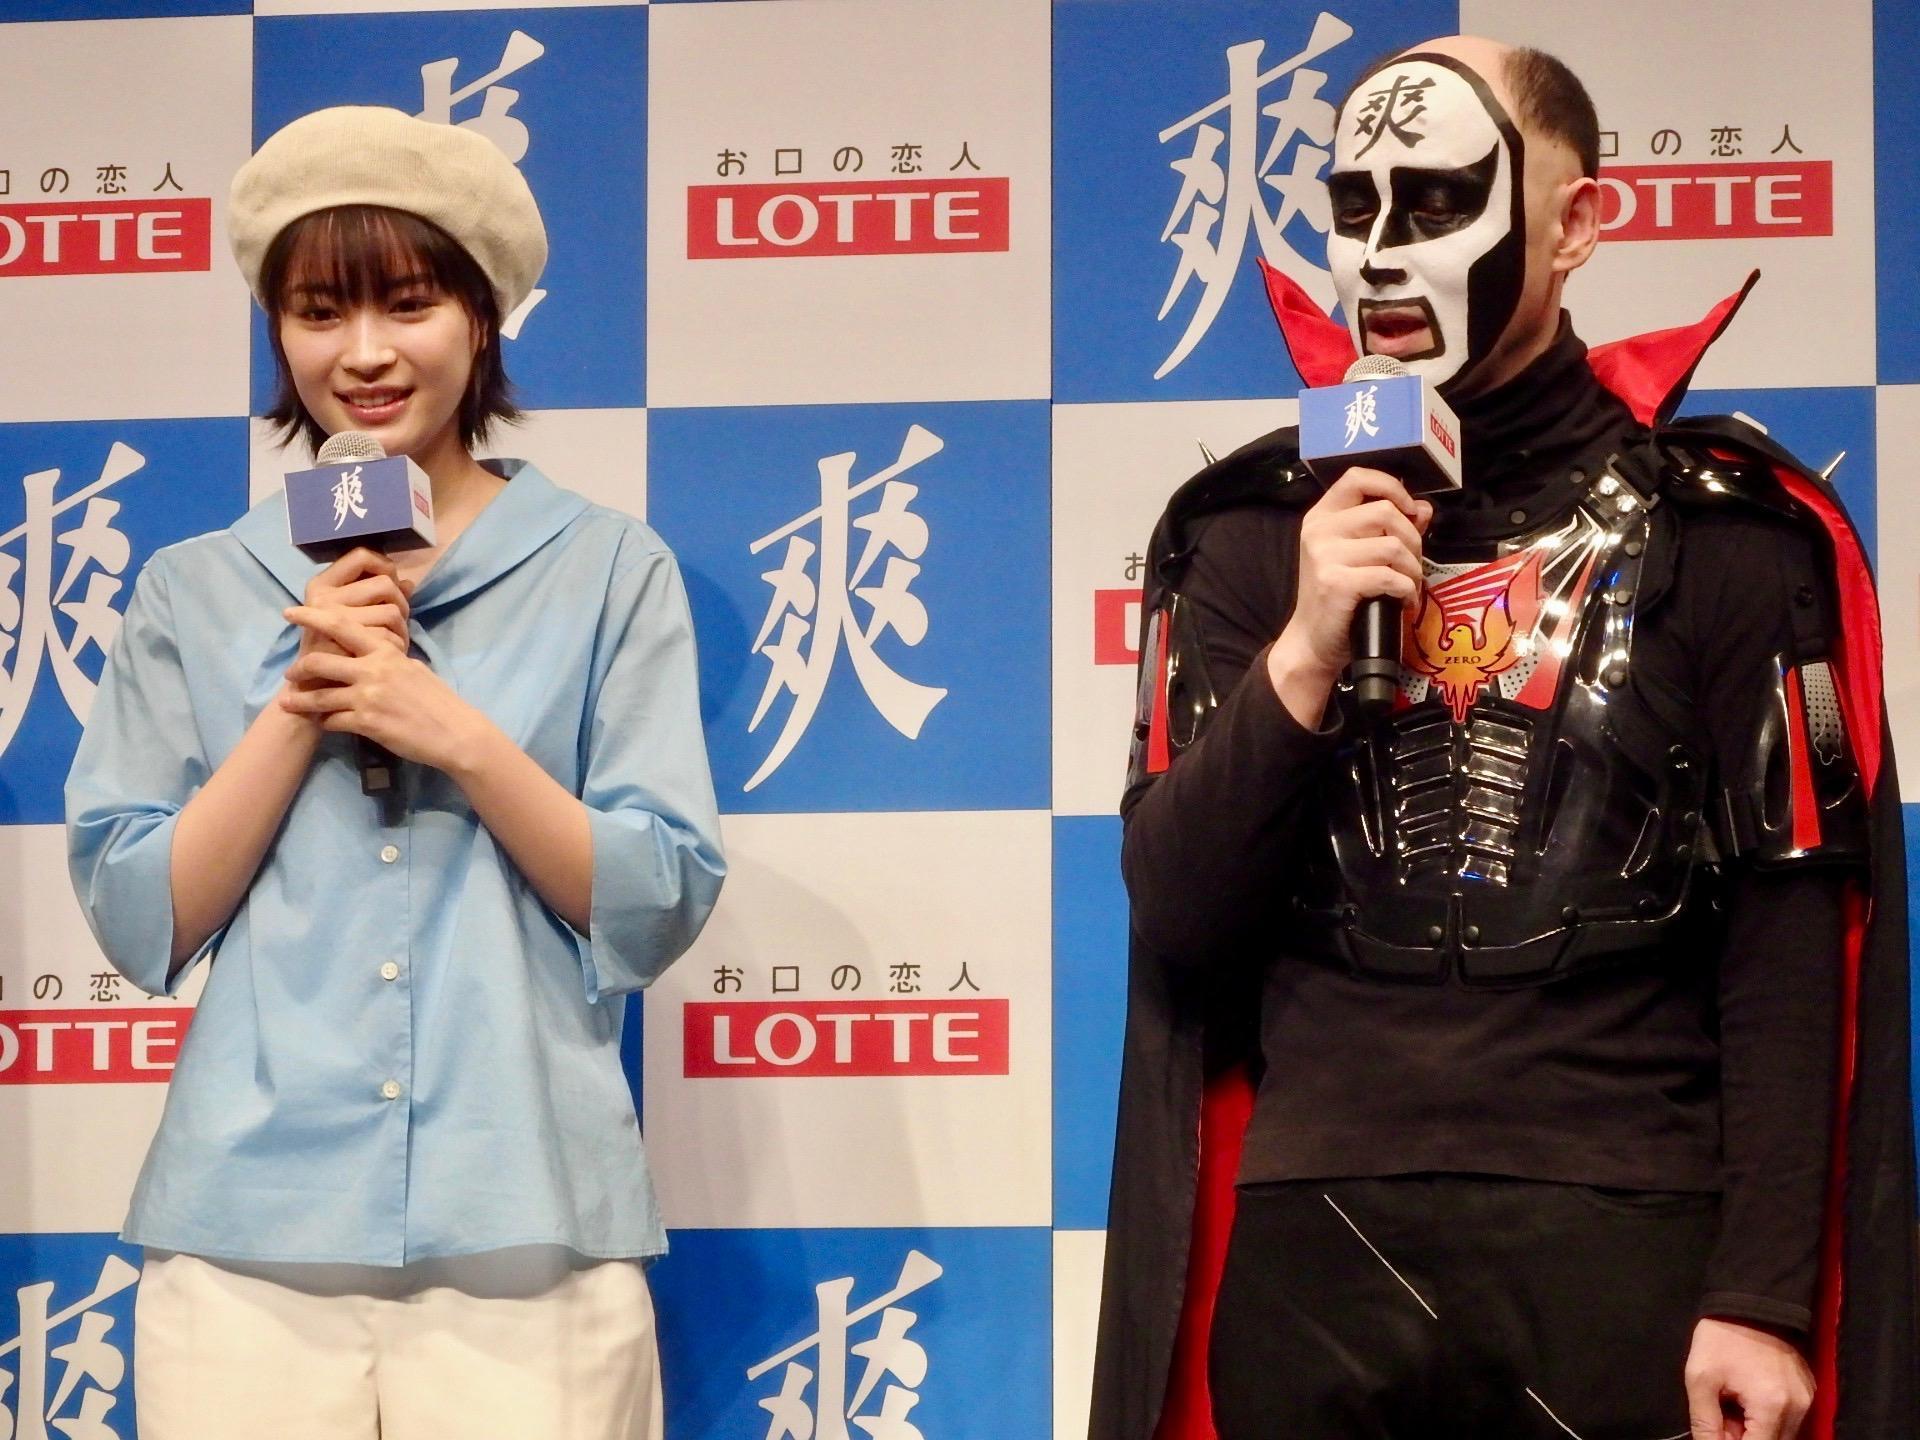 http://news.yoshimoto.co.jp/20180612212142-e8d8c8c19a56a78647ddaaf91afd0a8bad95a498.jpg